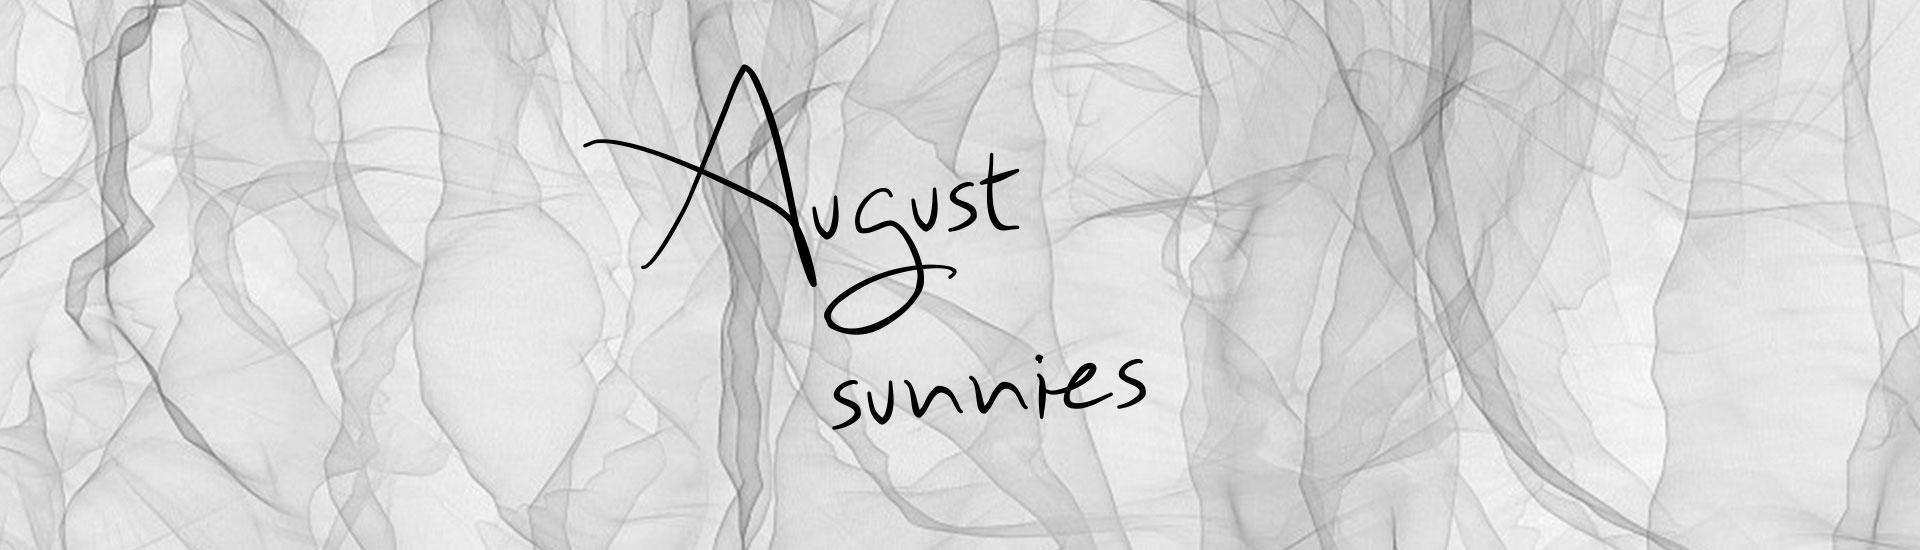 slider_august_sunnies